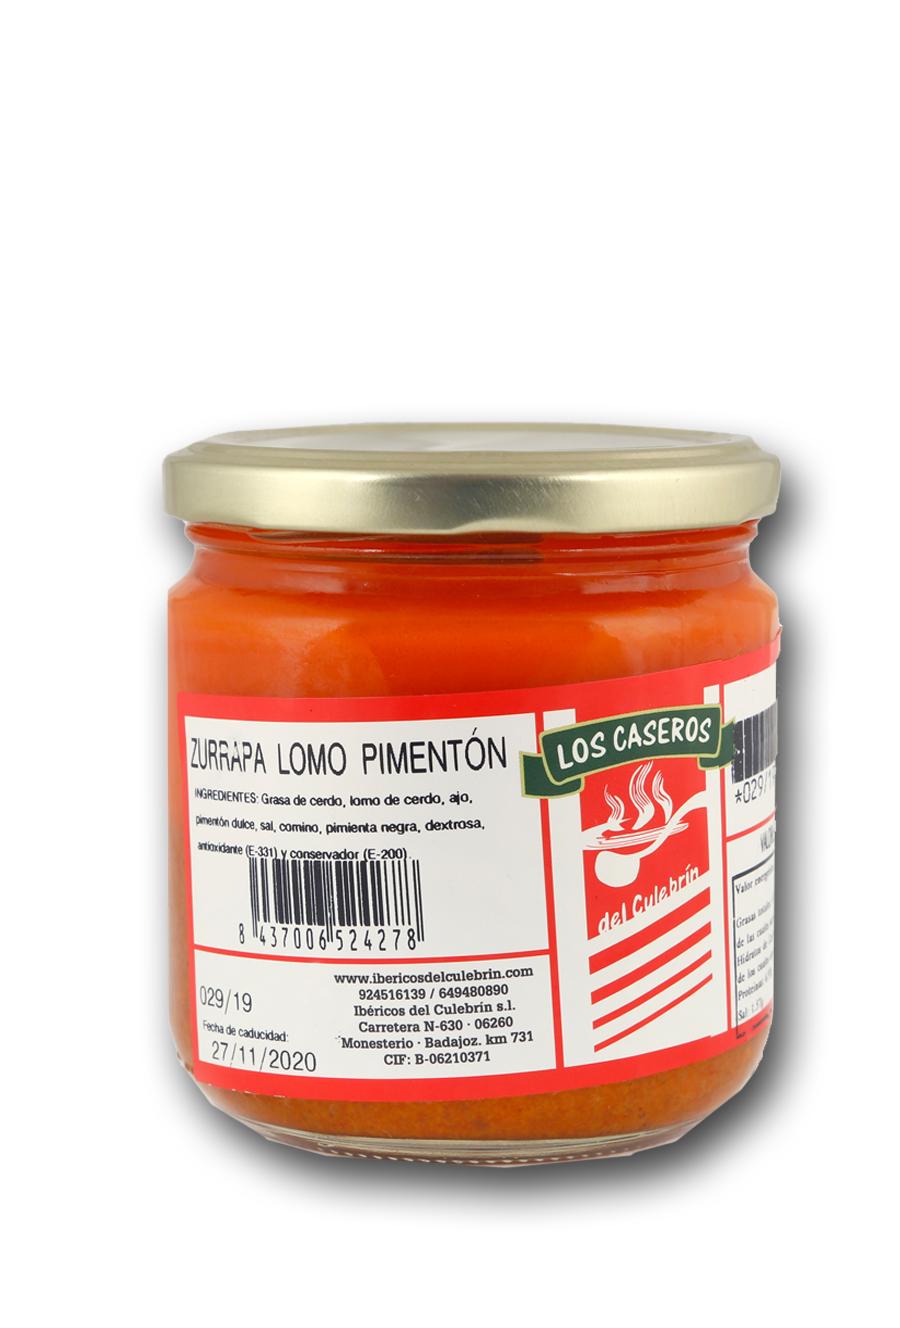 ZURRAPA_LOMO_PIMENTON